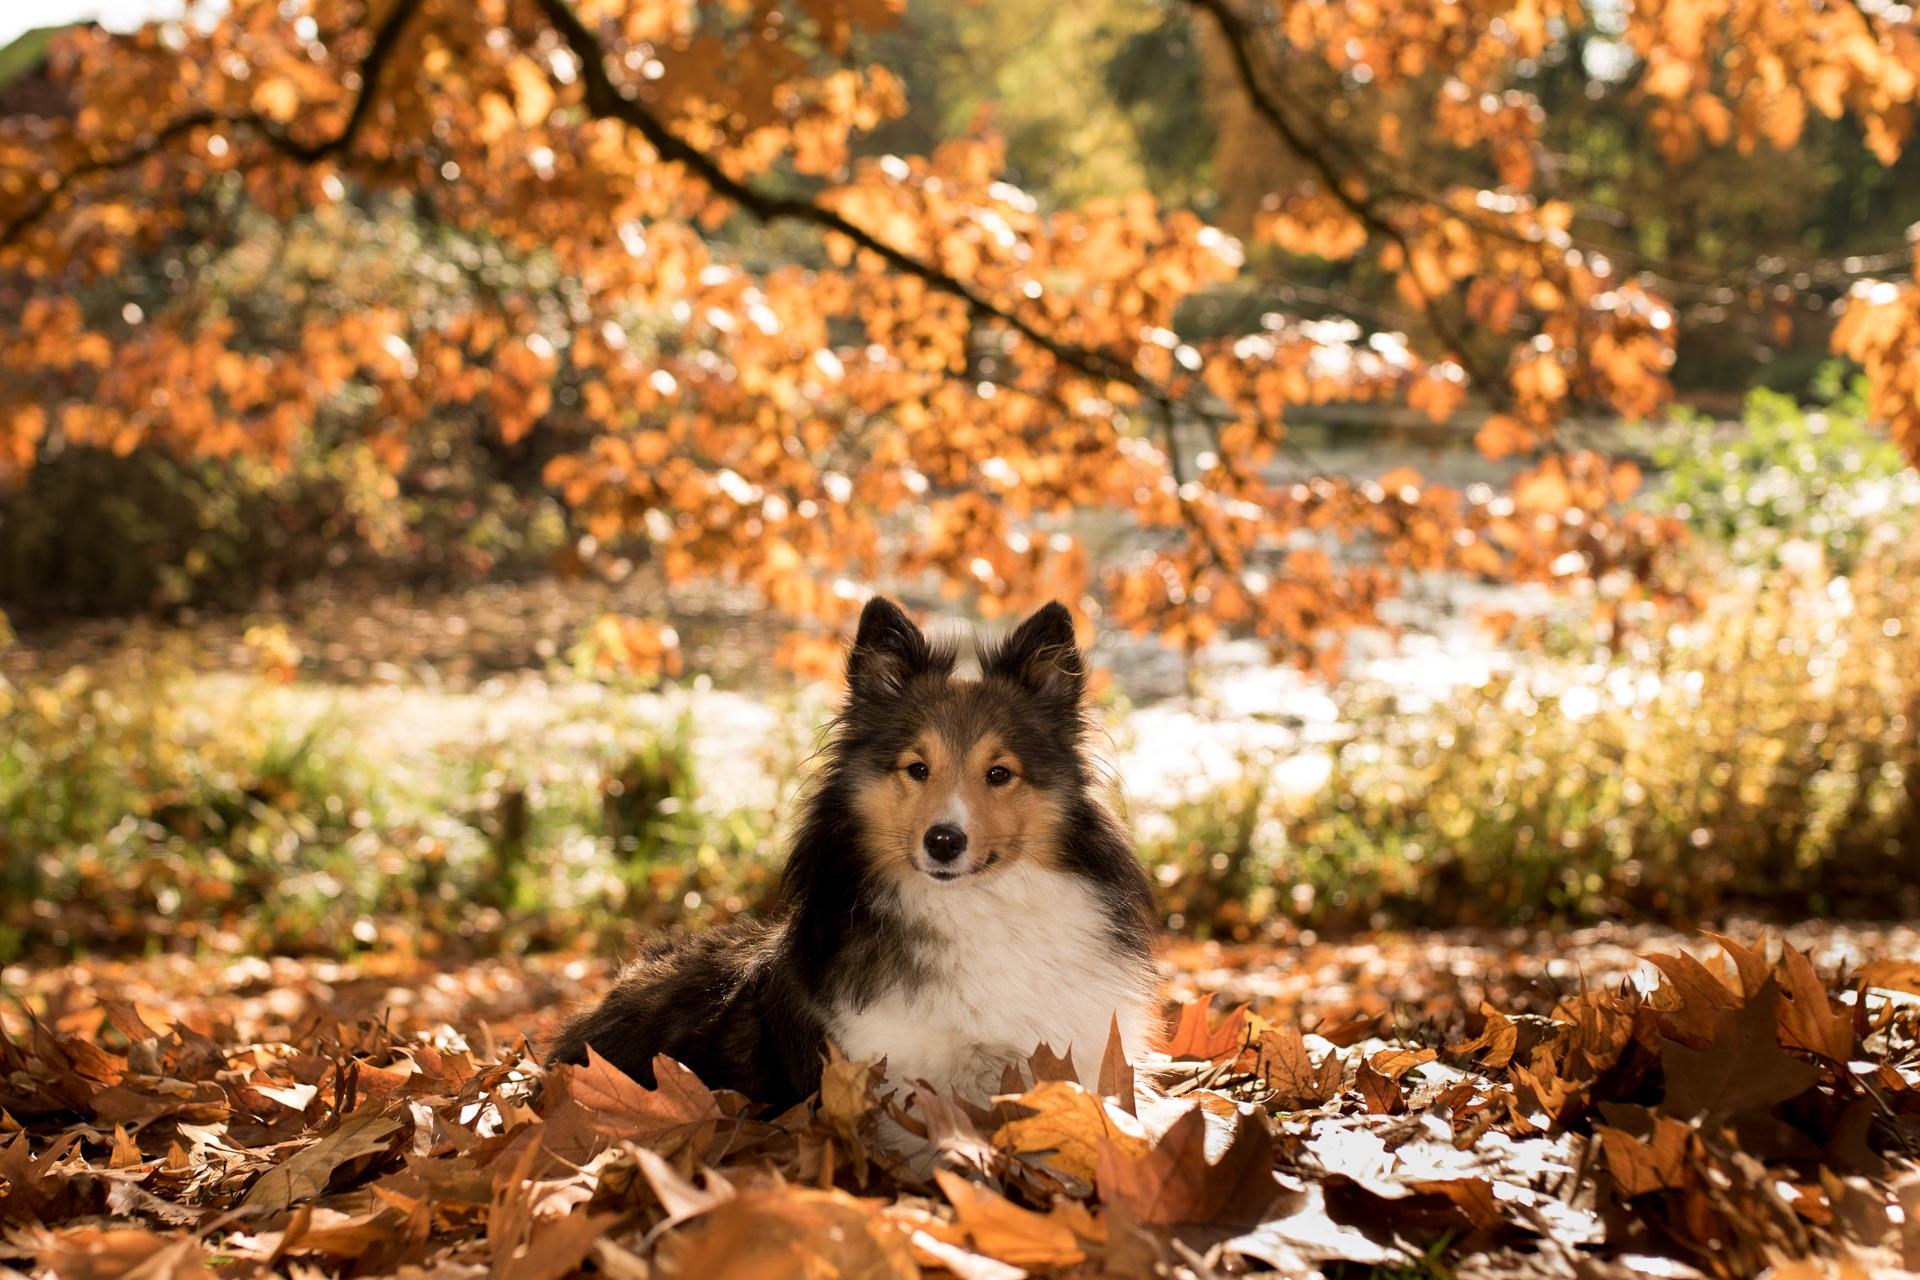 деревья картинки с собаками качестве объектов можно